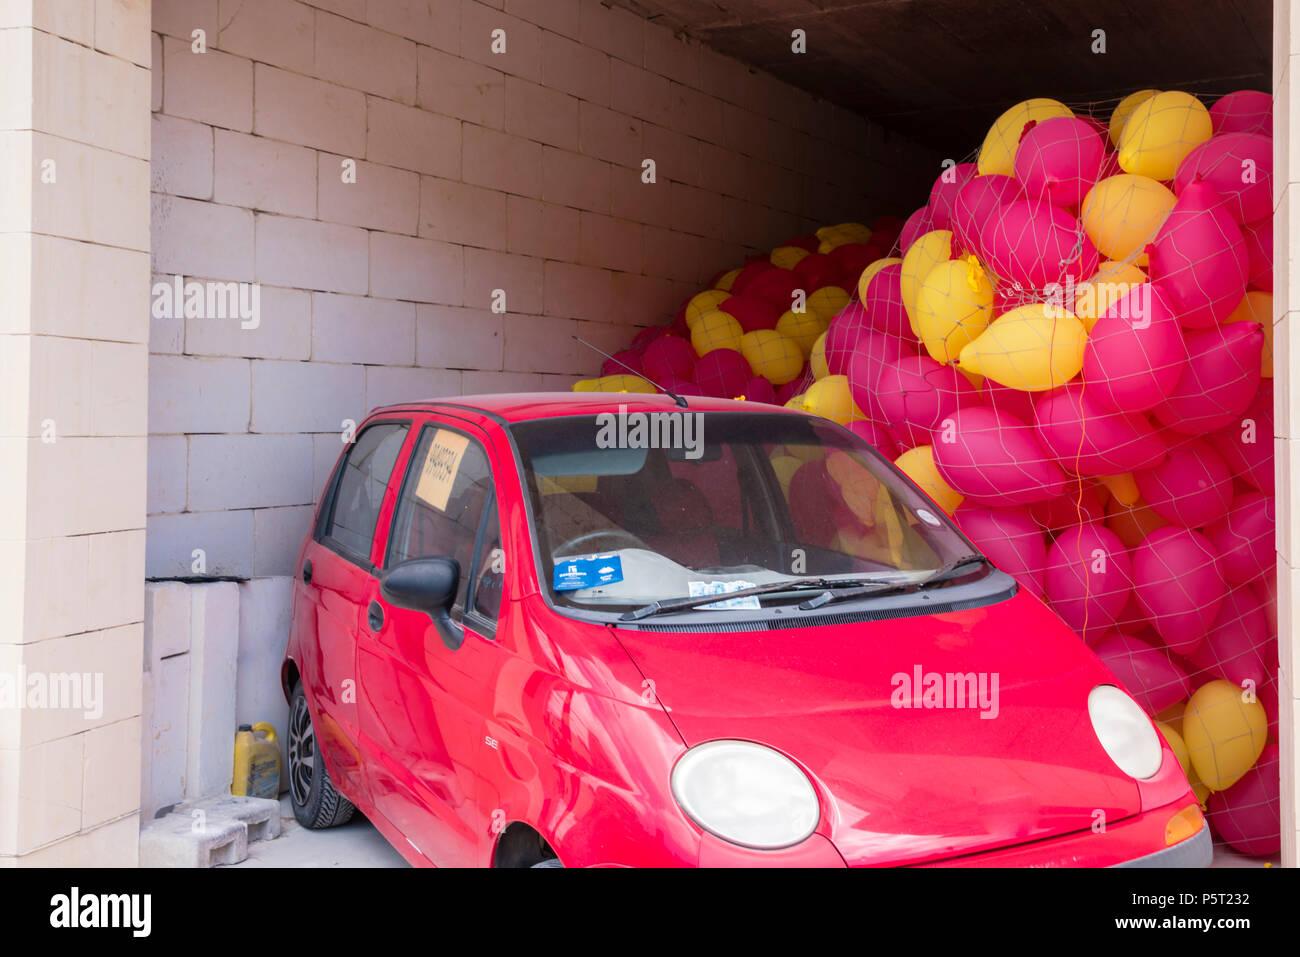 Rosso e giallo palloncini intrappolato in un garage di un'auto in anticipo di una festa religiosa, Xwekija, Gozo, Malta Immagini Stock